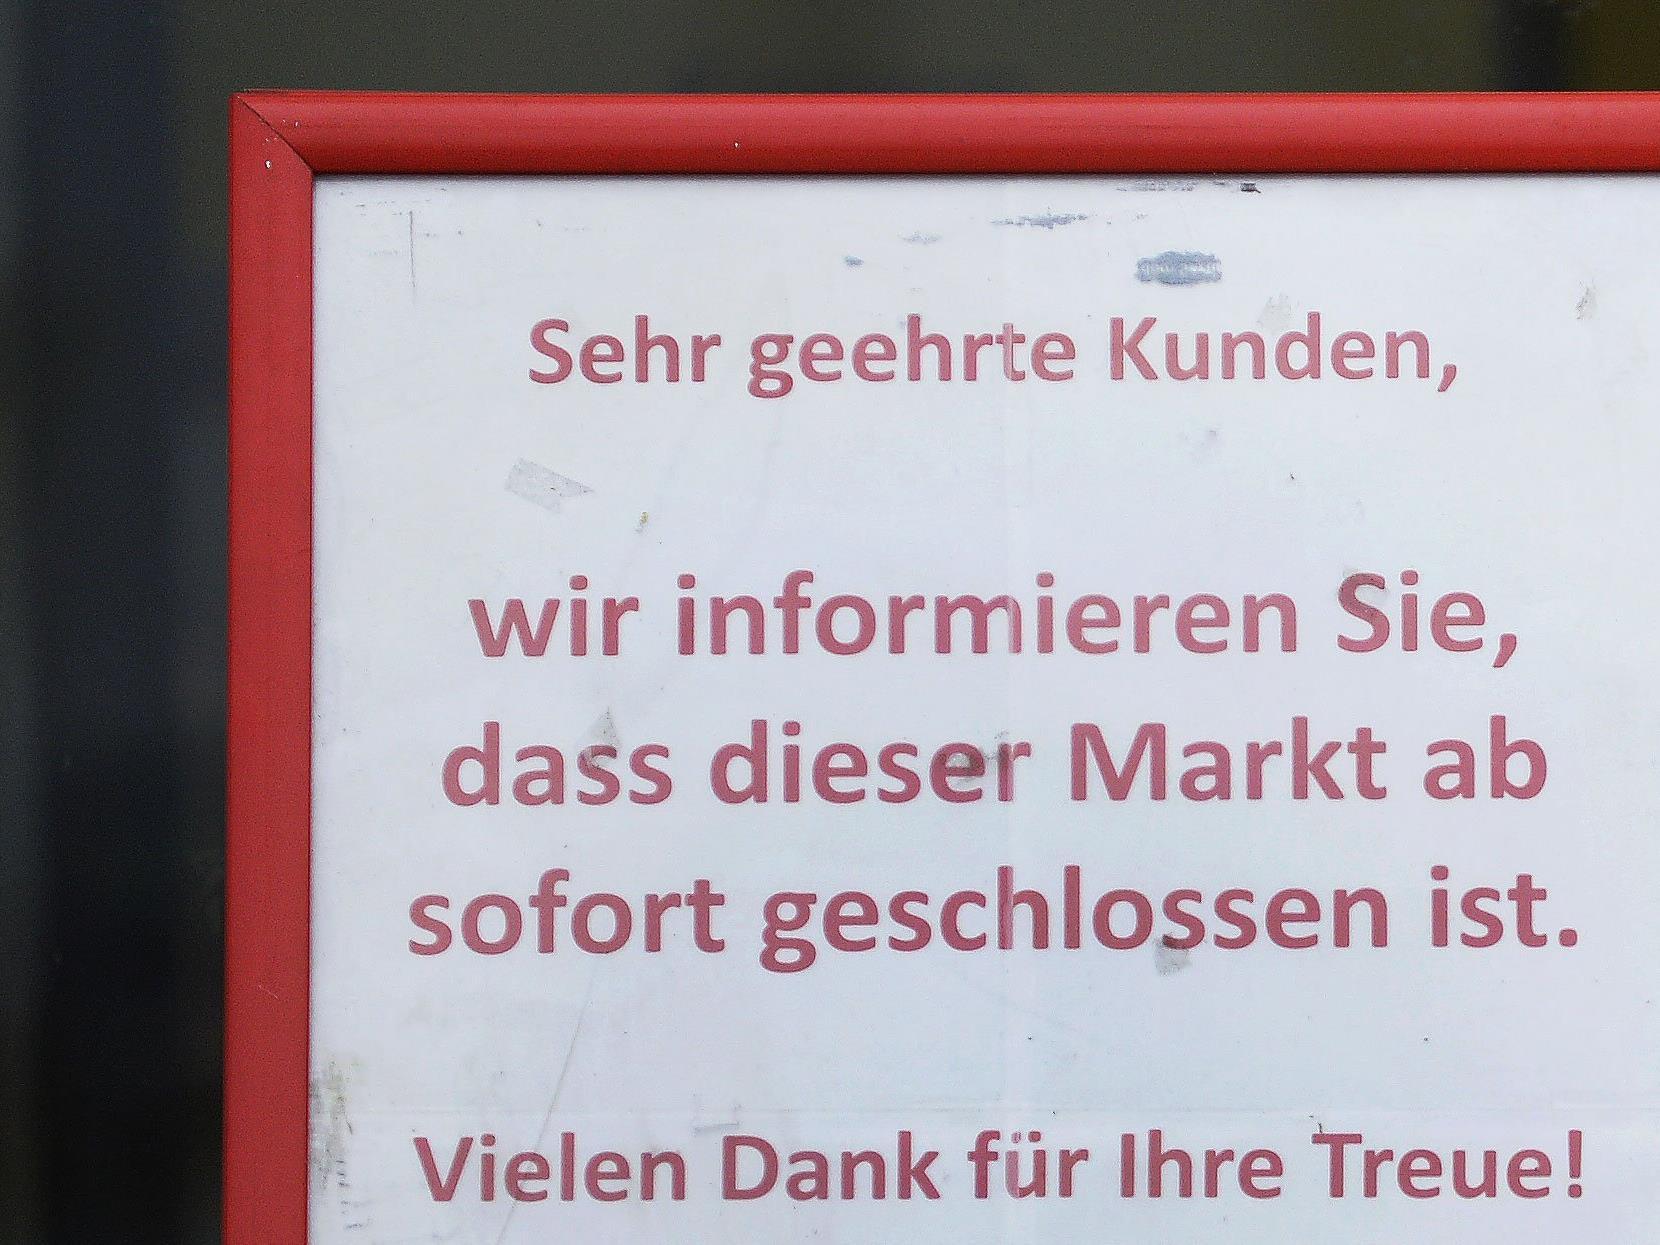 Viele kleine Geschäfte in Wien mussten bereits schließen.